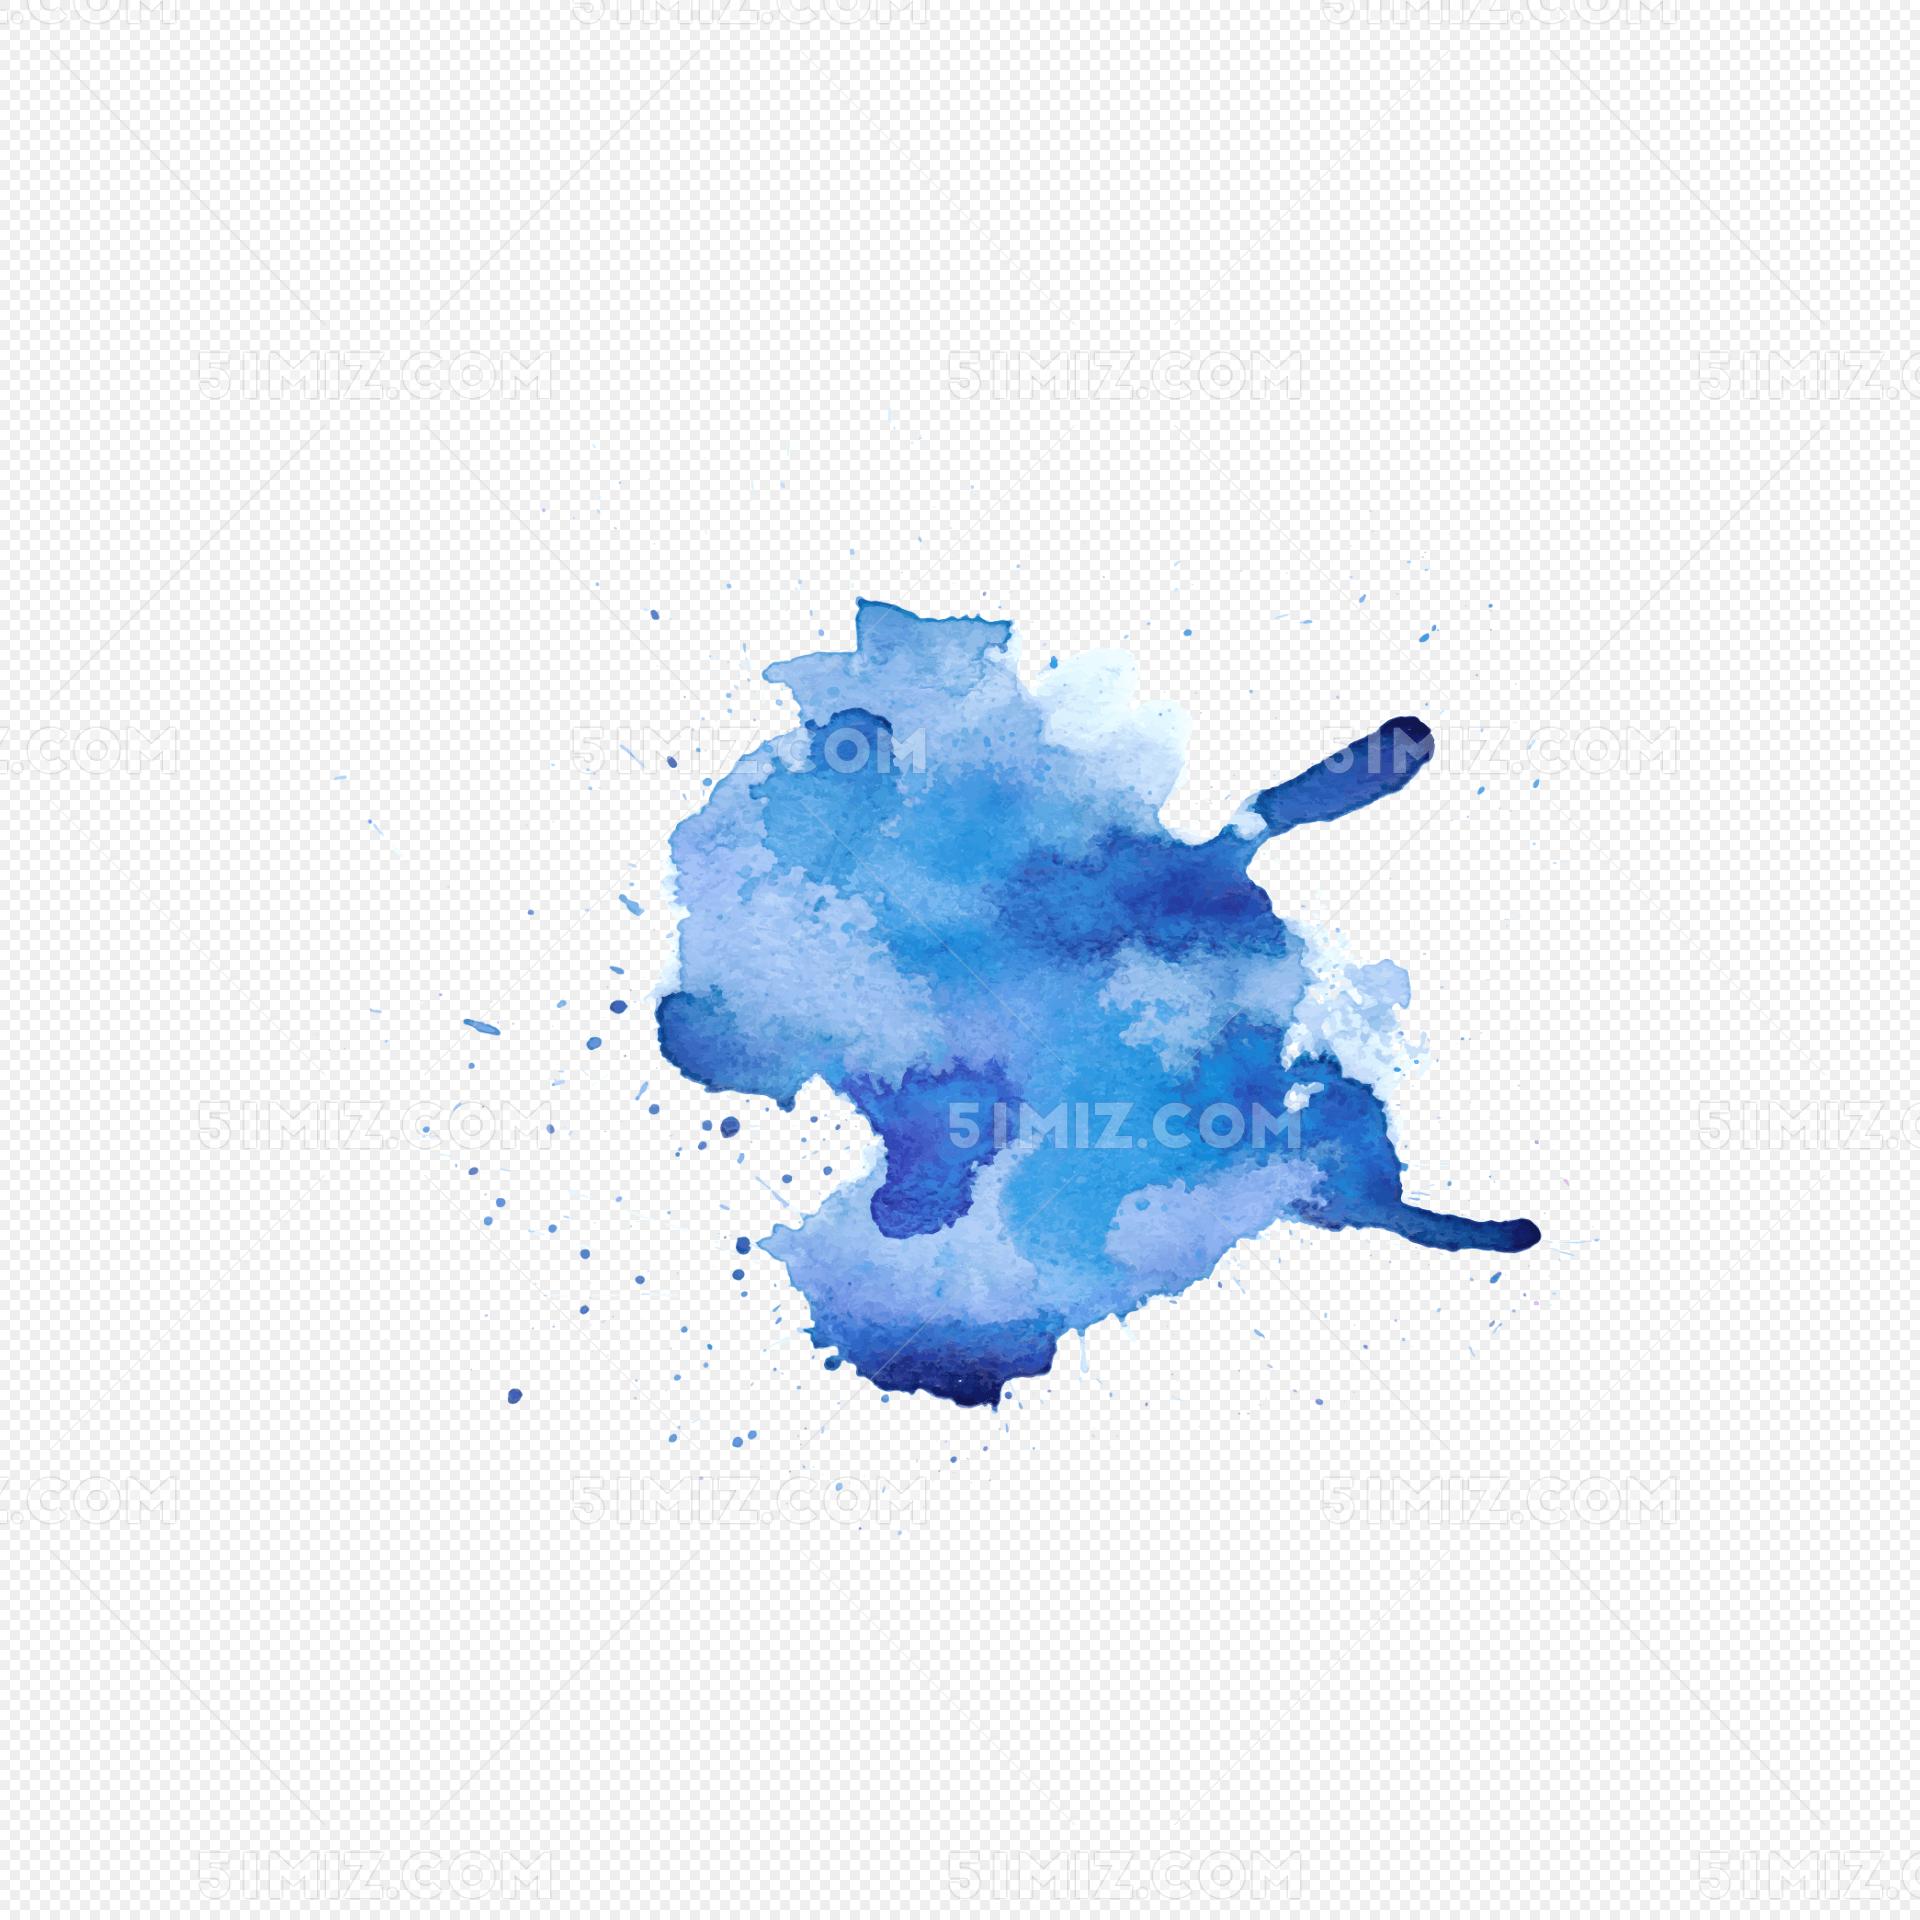 淡蓝色渐变水墨渲染矢量图